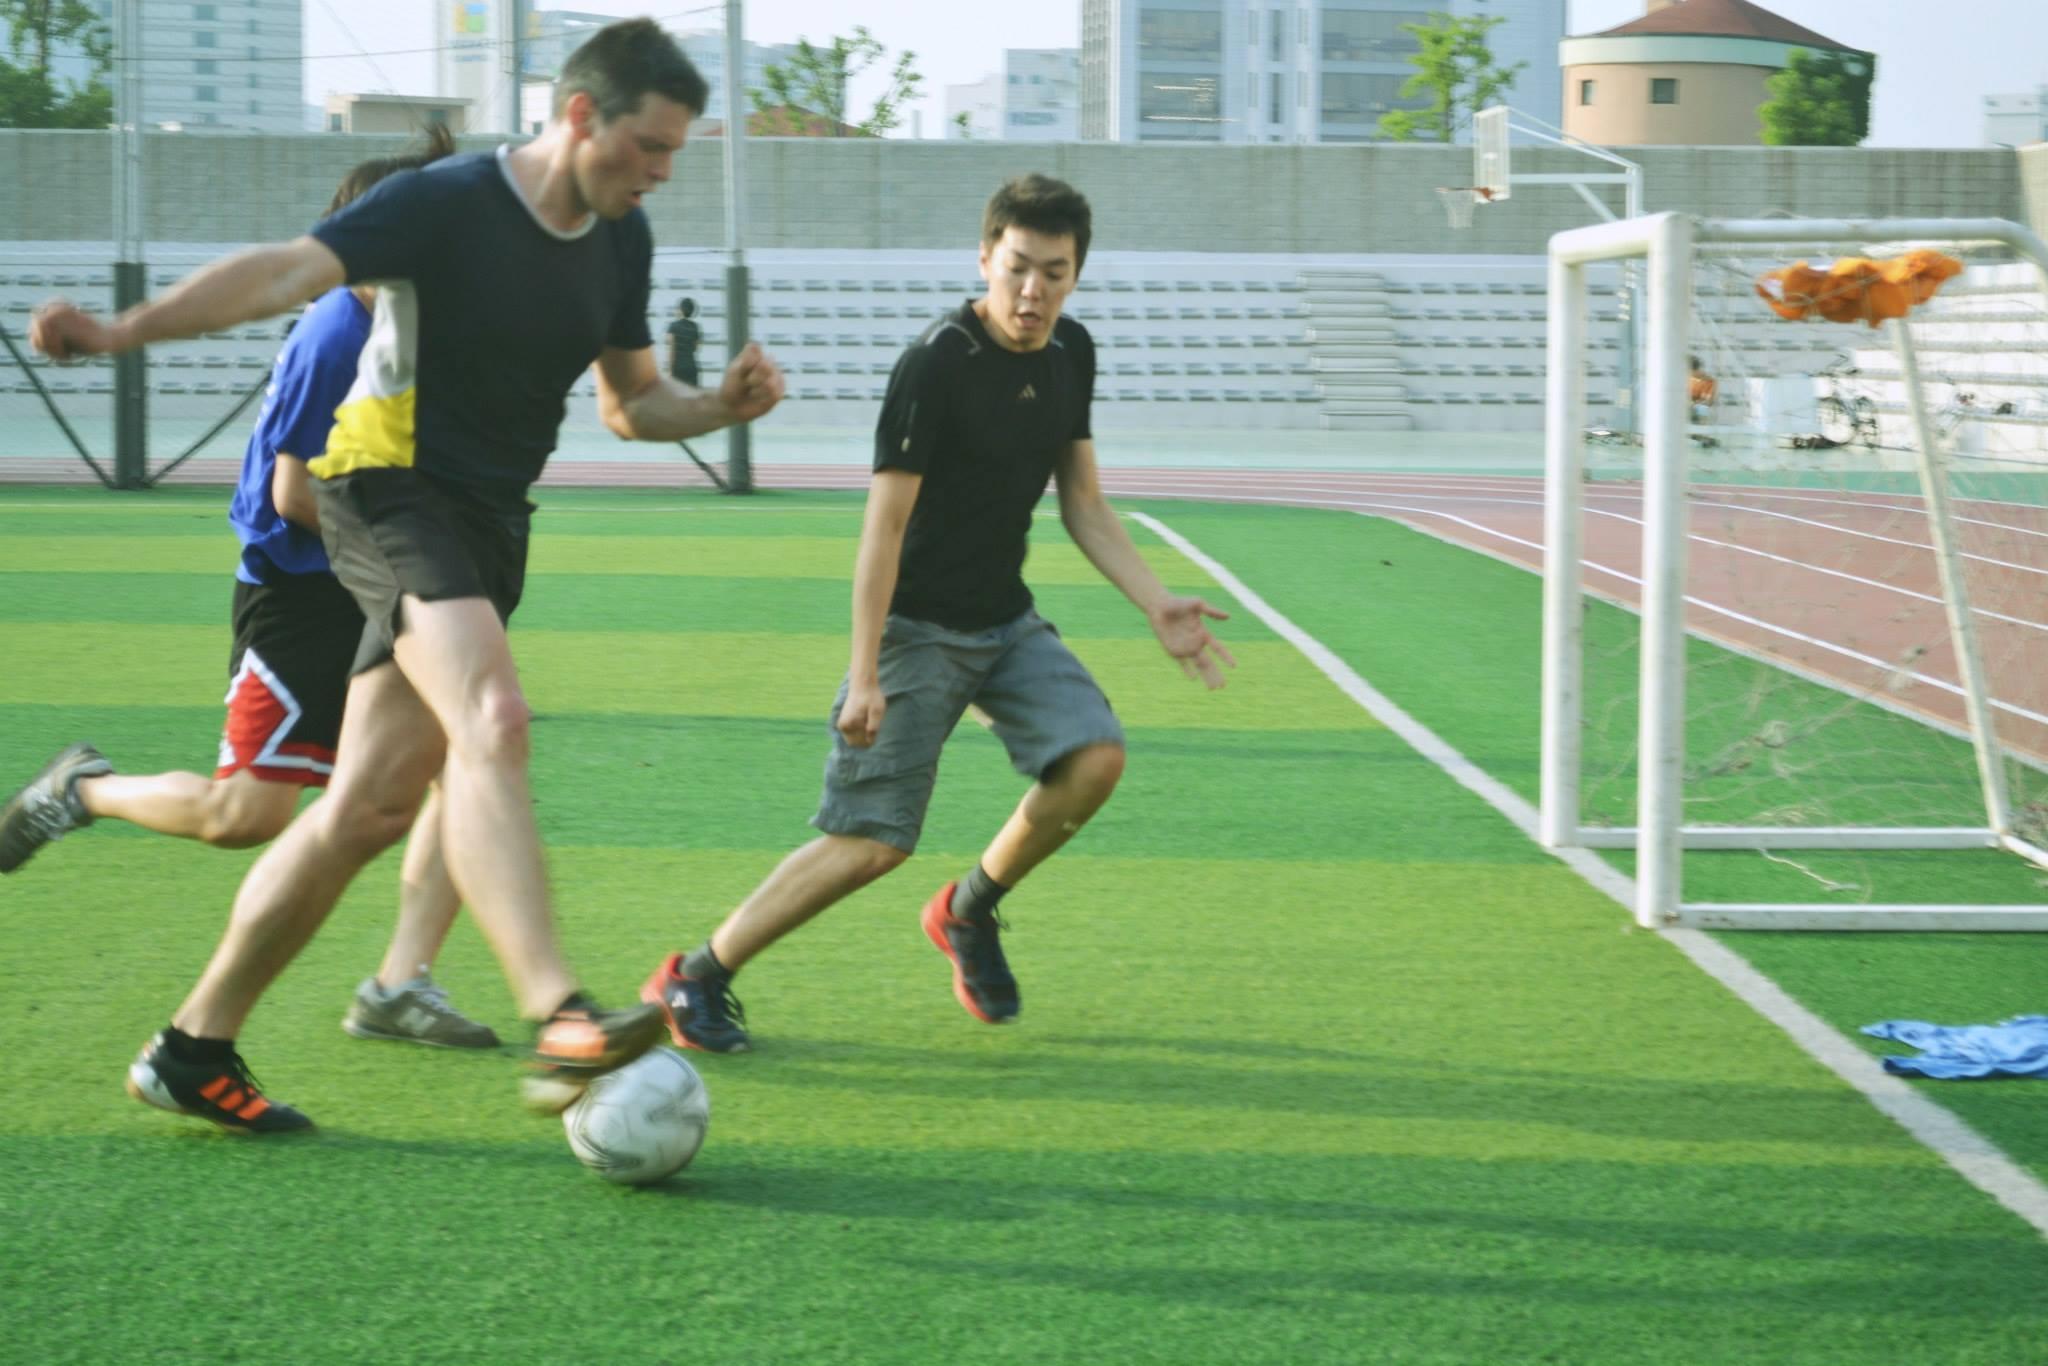 RC프로그램 - 체육활동